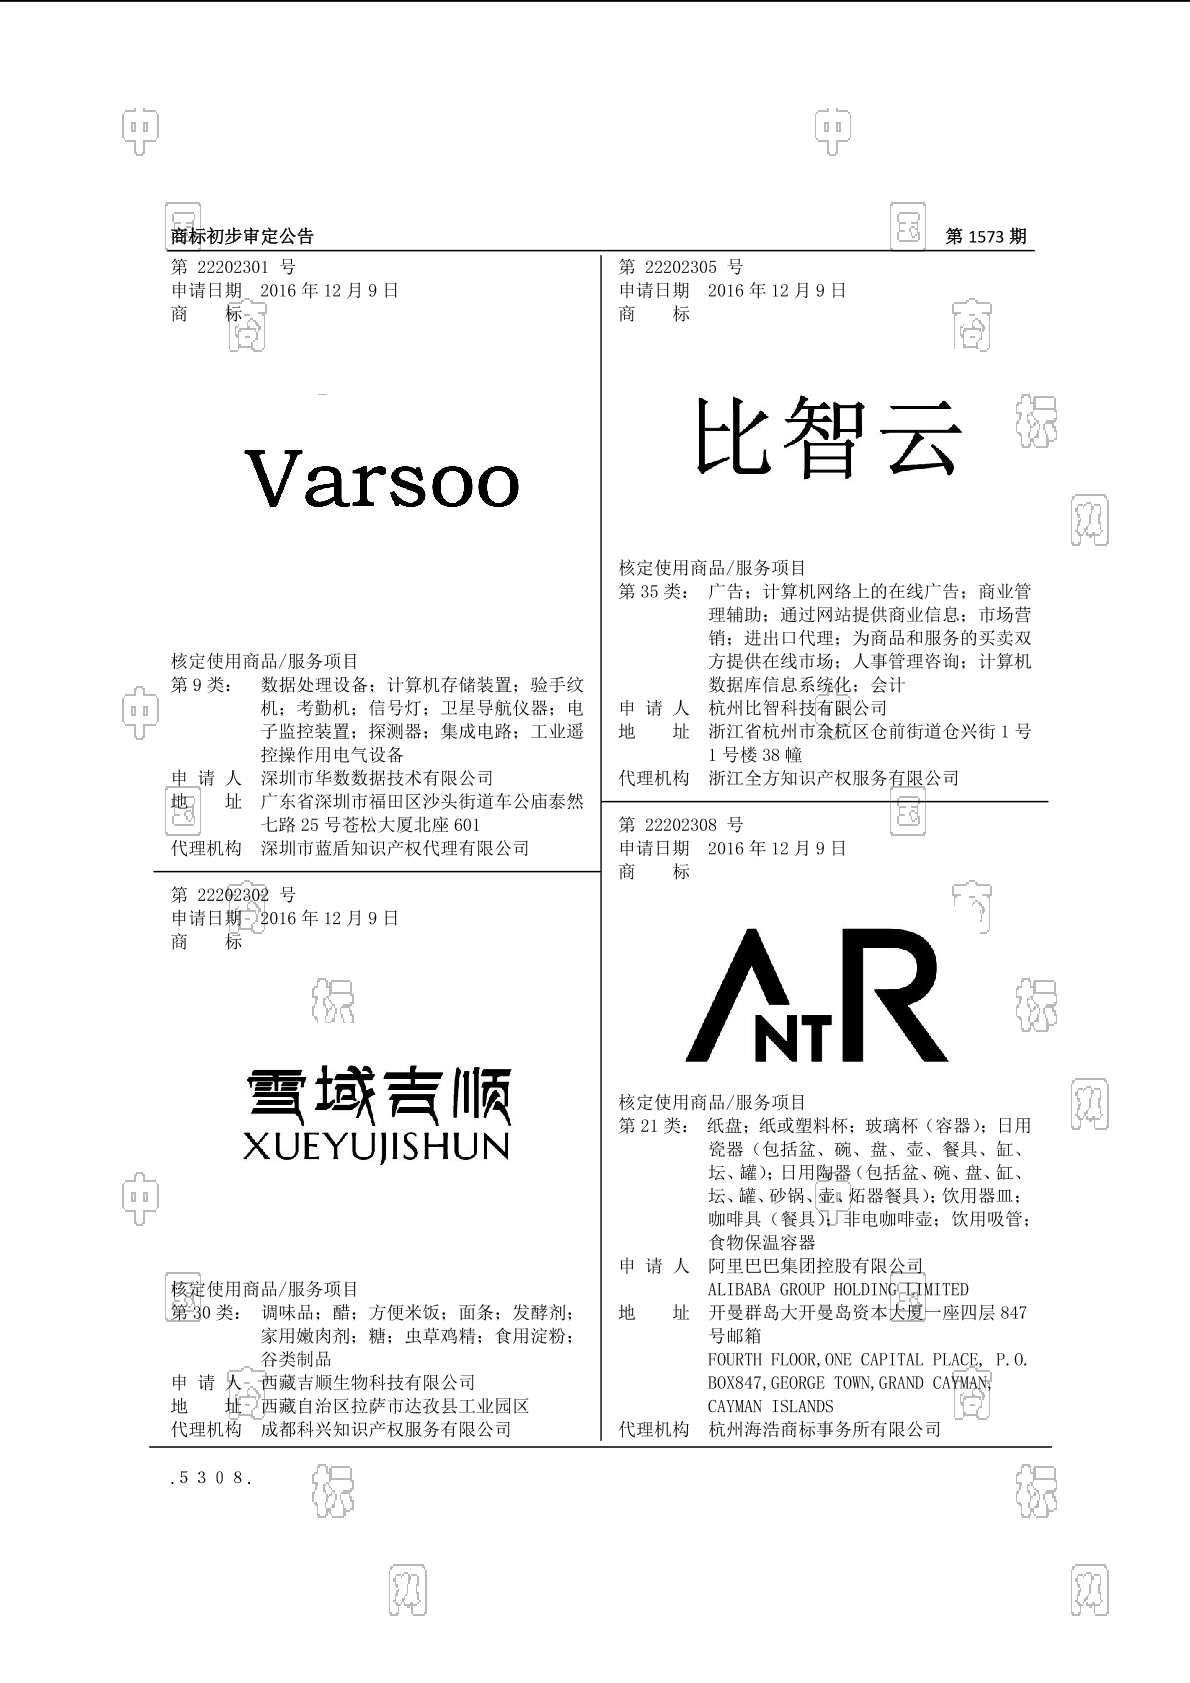 【社标网】雪域吉顺商标状态注册号信息 西藏吉顺生物科技有限公司商标信息-商标查询